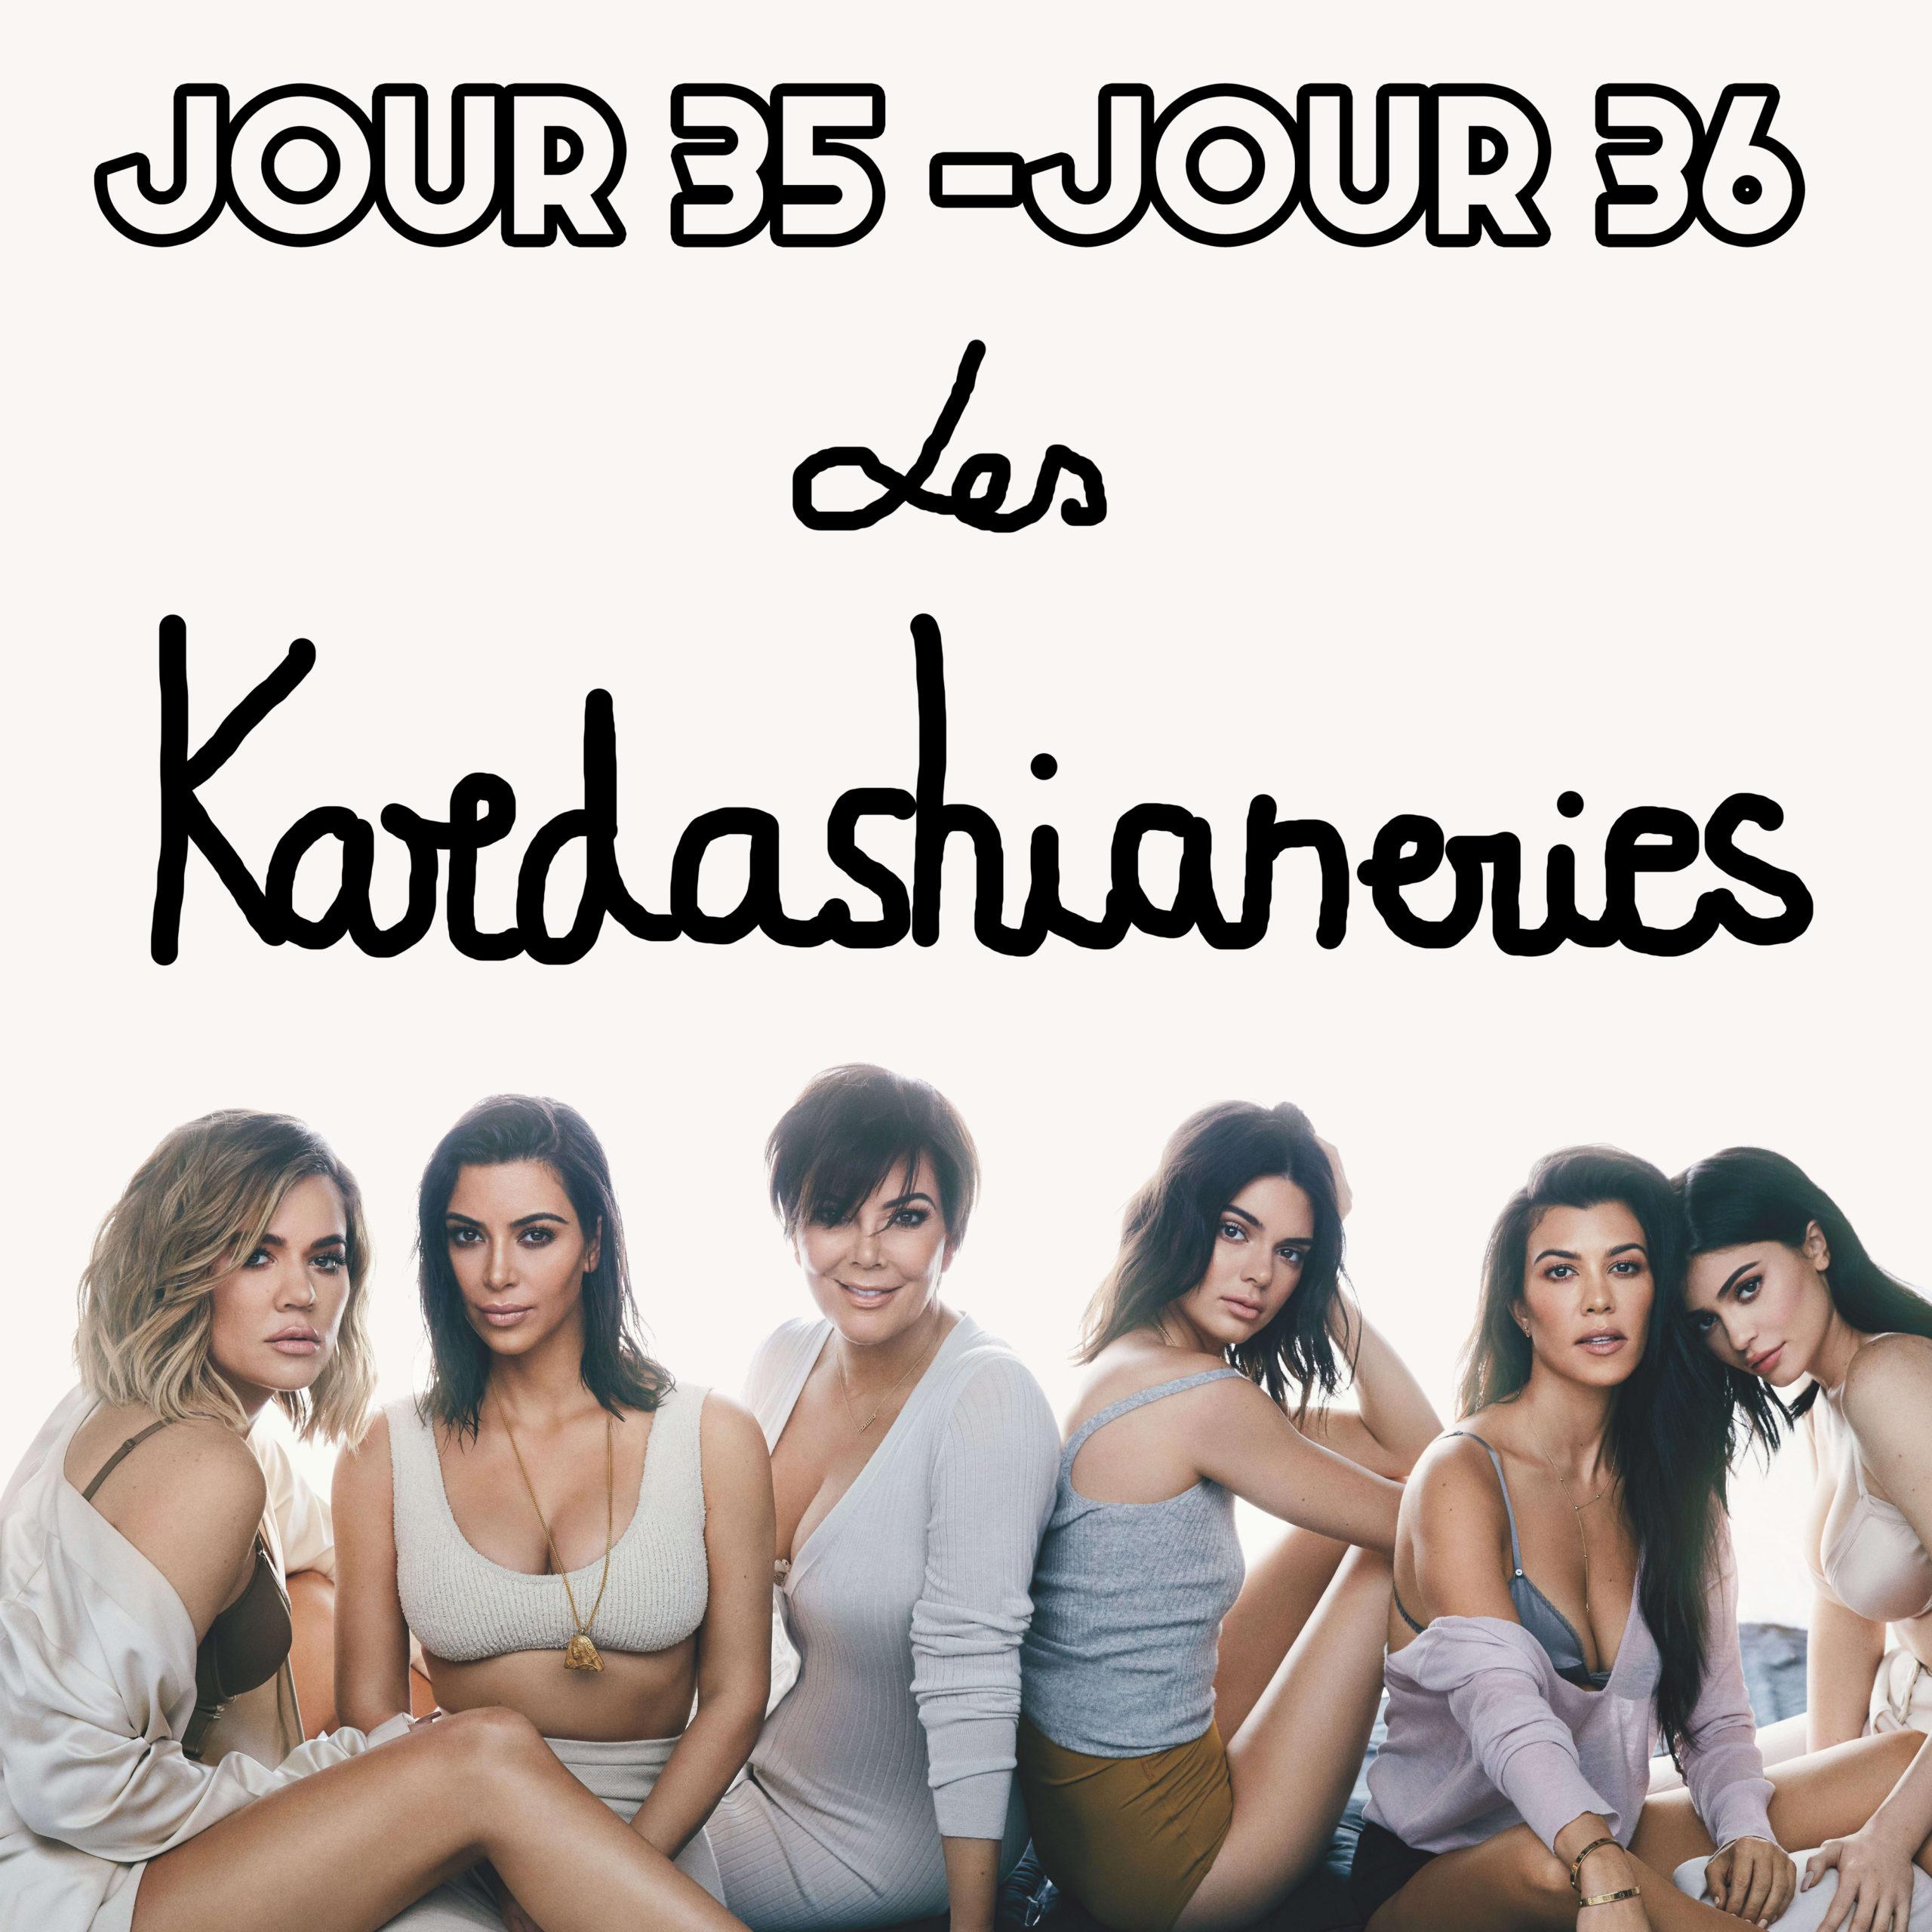 Jour 35 et 36 – Les Kardashianeries